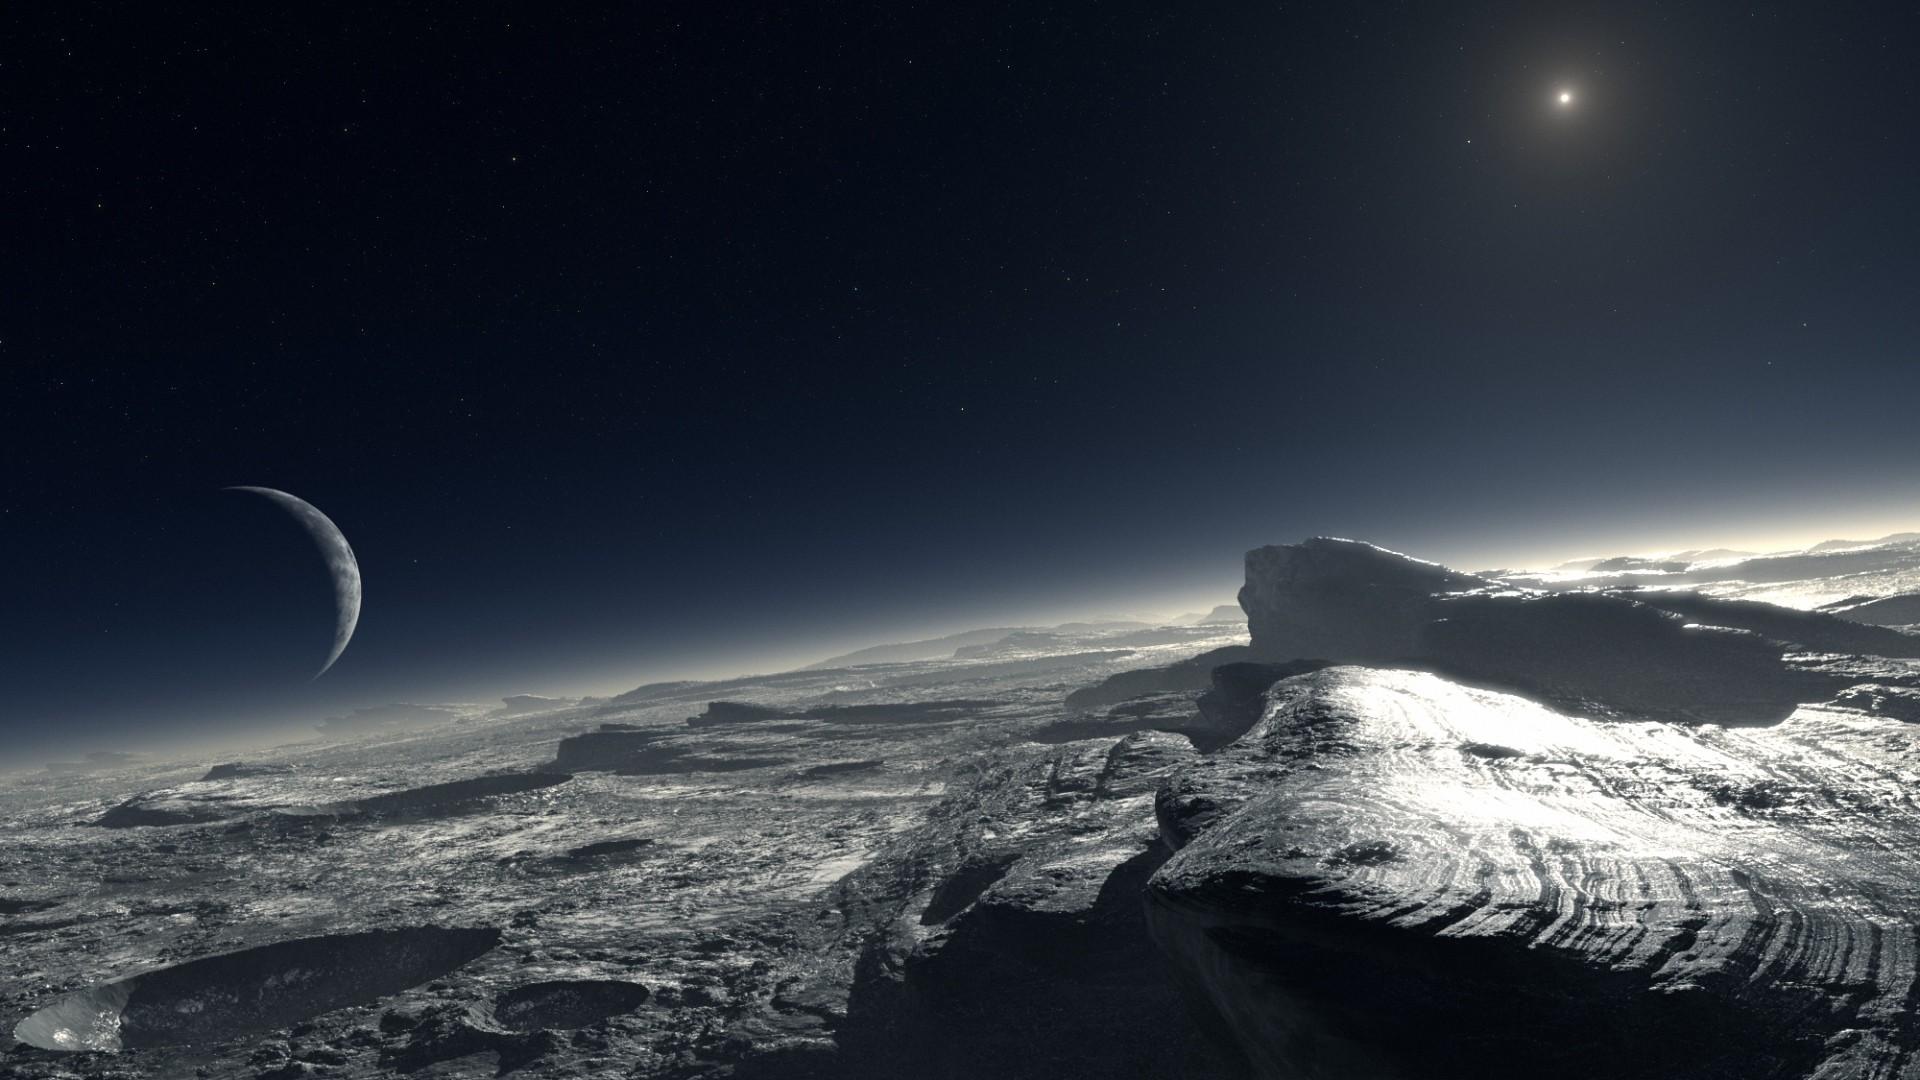 Full HD Wallpaper satellite surface planet shine rock star …Yuri Gagarin  Wallpaper